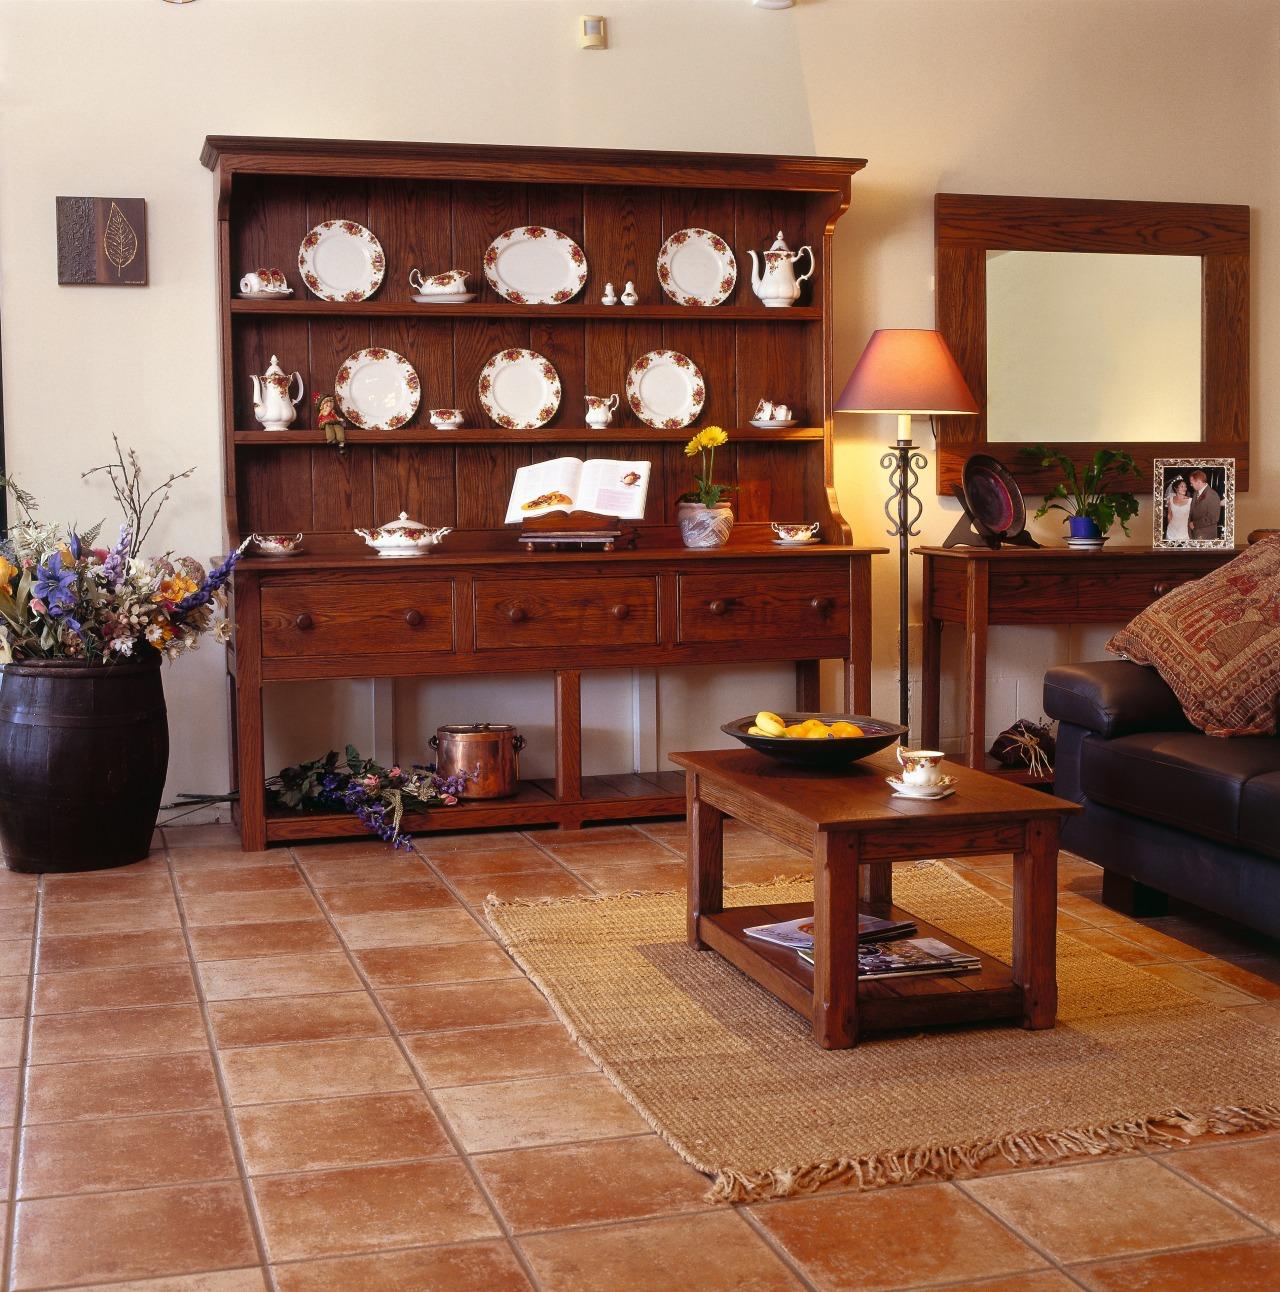 Lounge room with large oak Welsh dresser, and floor, flooring, furniture, hardwood, interior design, living room, room, shelving, table, wood flooring, brown